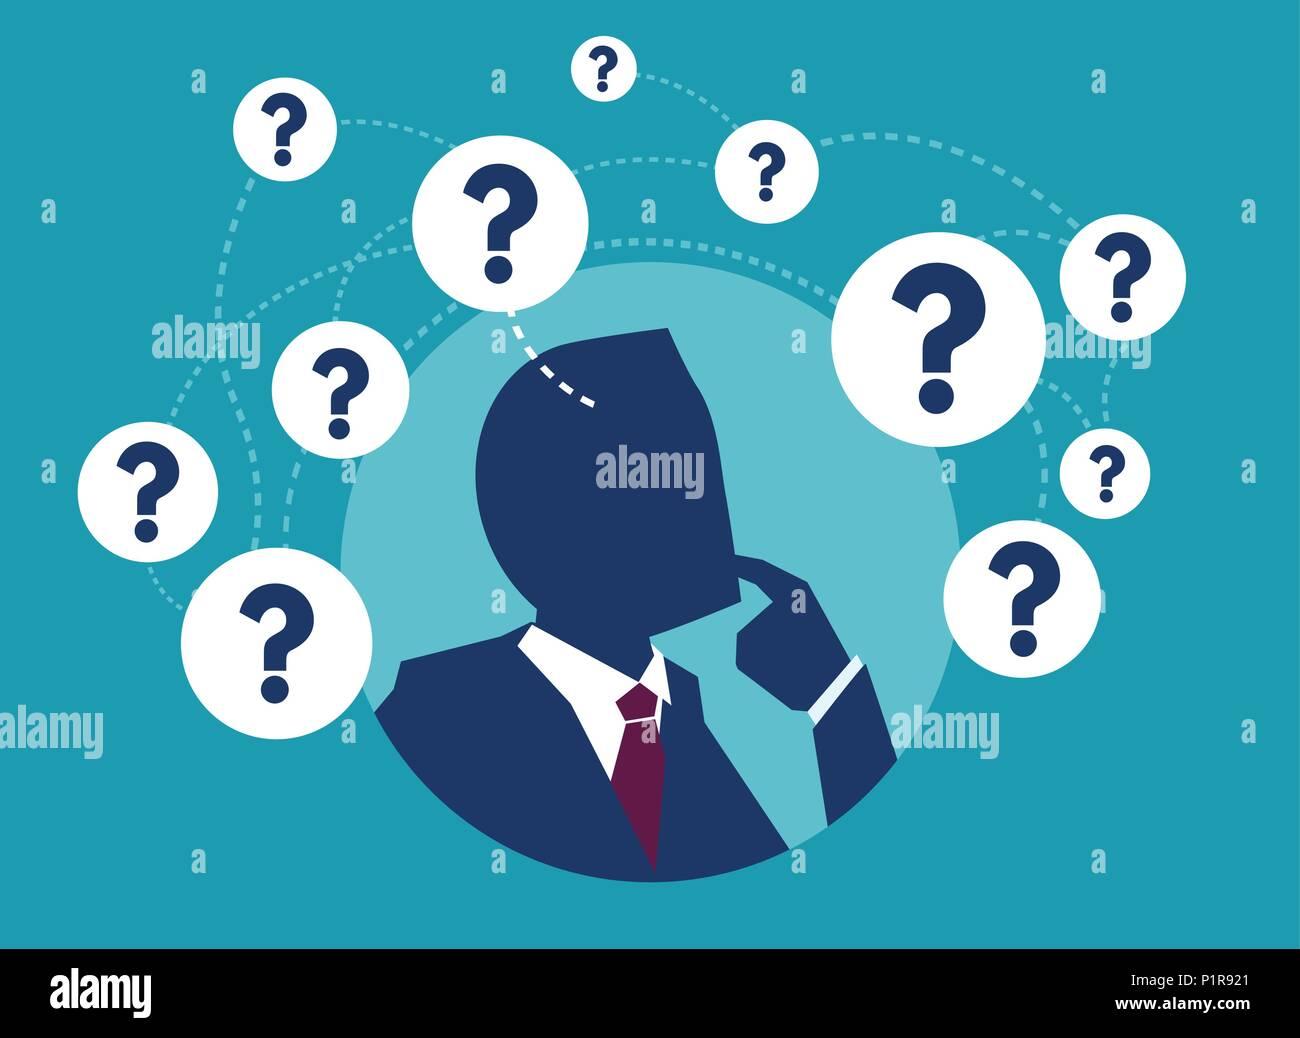 Imagen vectorial del empresario tener un montón de preguntas pensando en dudas. Imagen De Stock